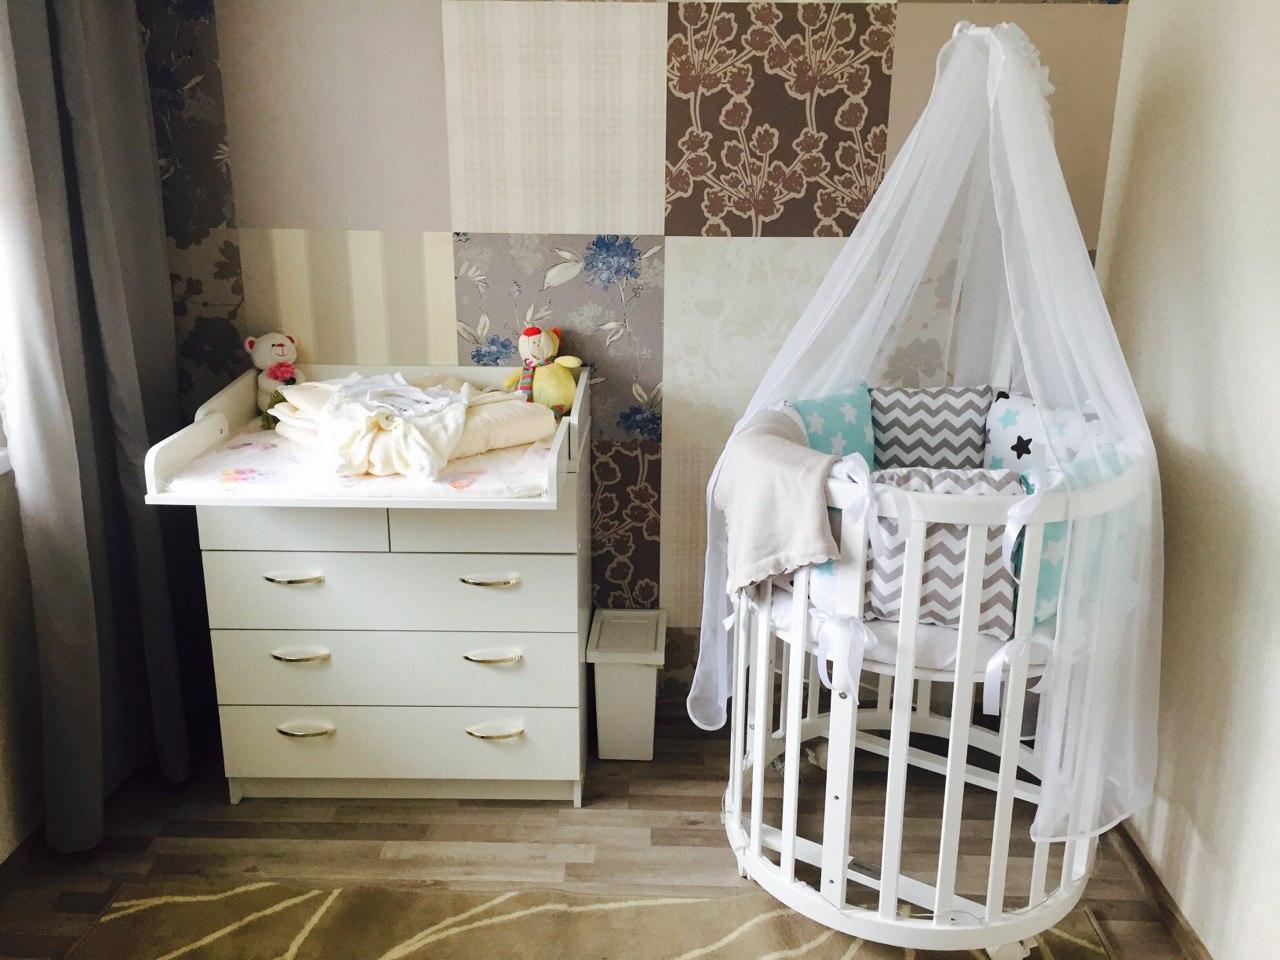 Комплект детского постельного и бортики для круглой кроватки (состав в описании)